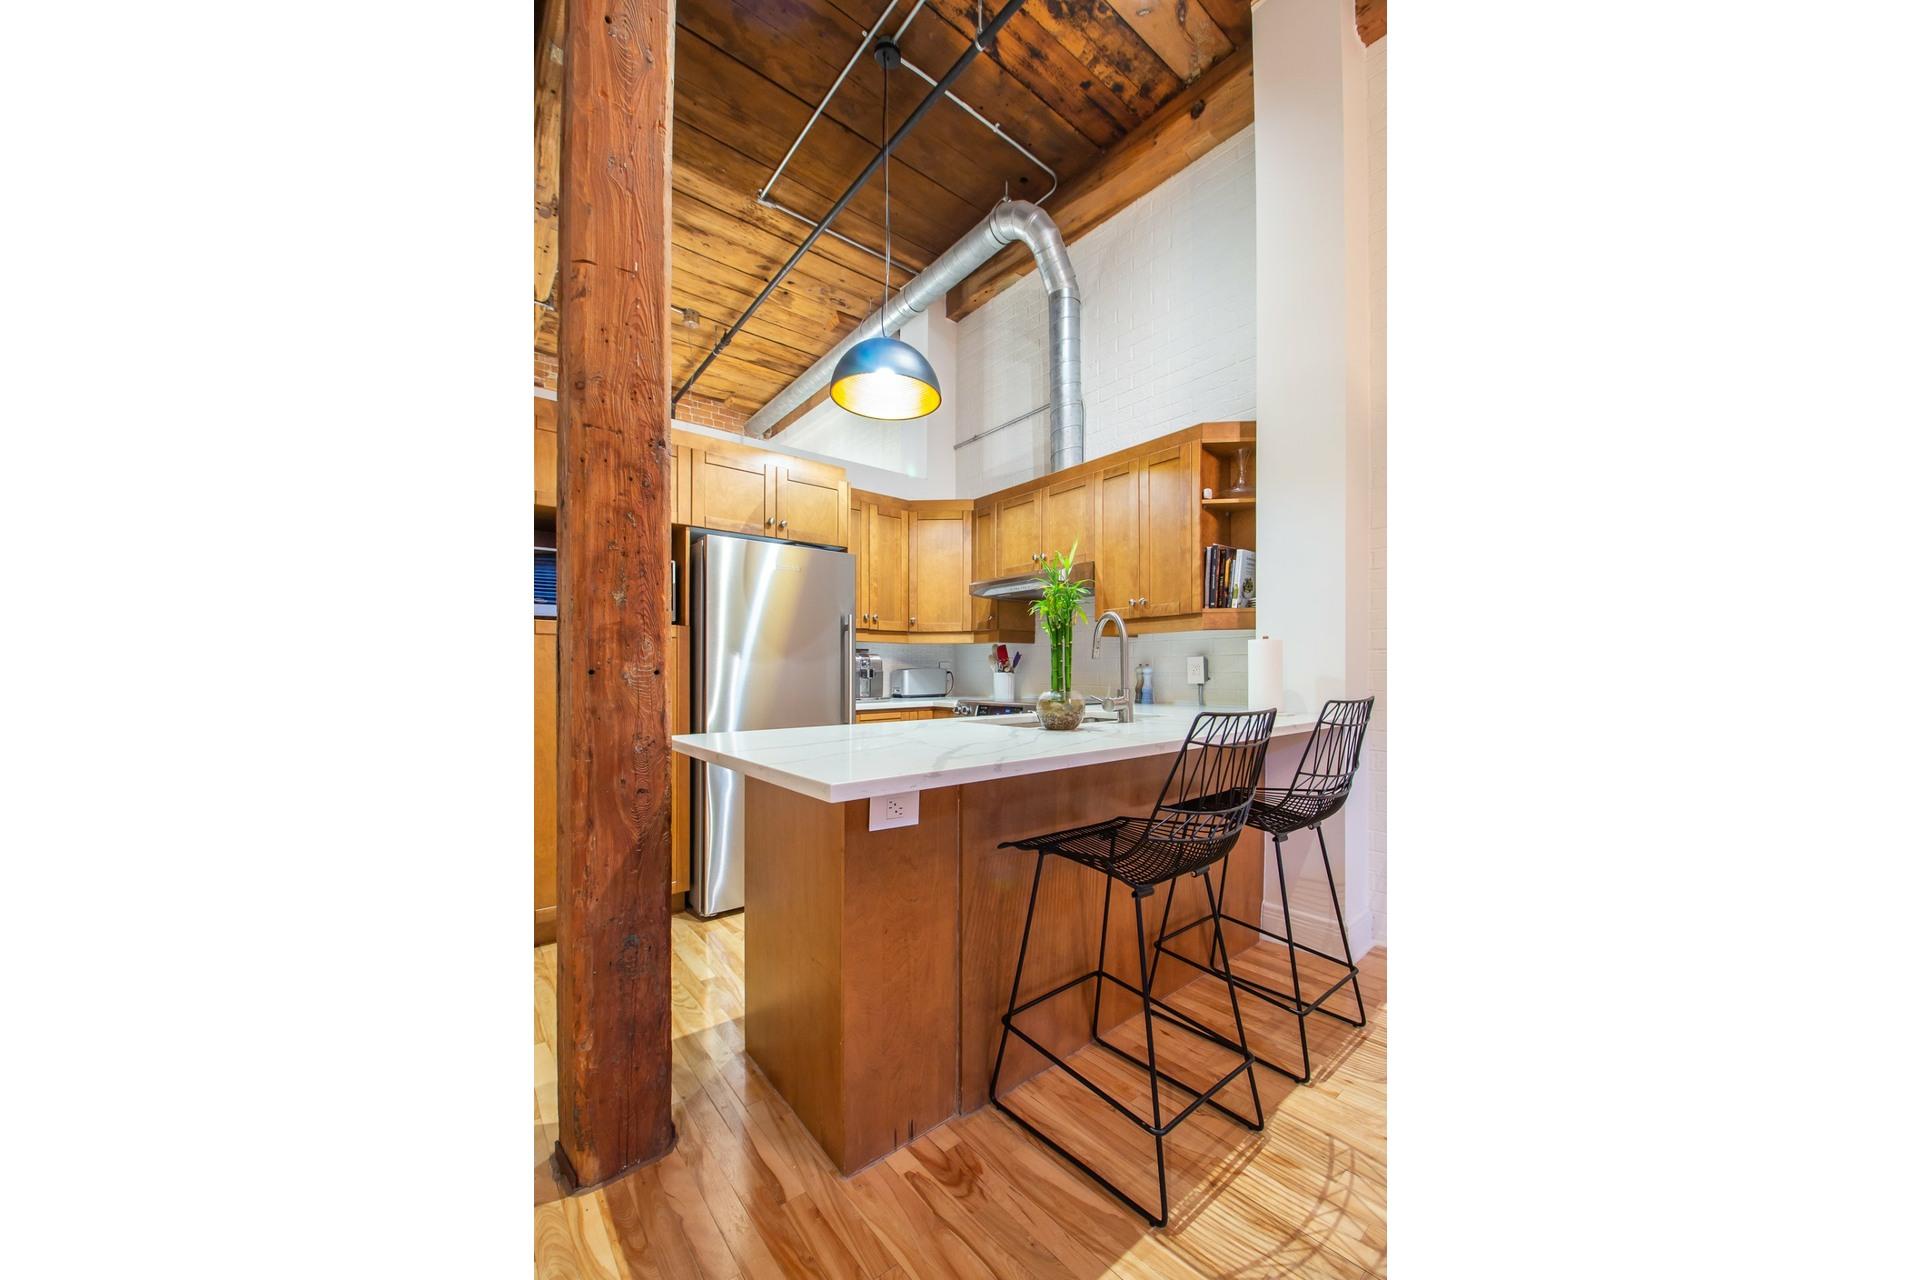 image 5 - Appartement À vendre Le Sud-Ouest Montréal  - 3 pièces